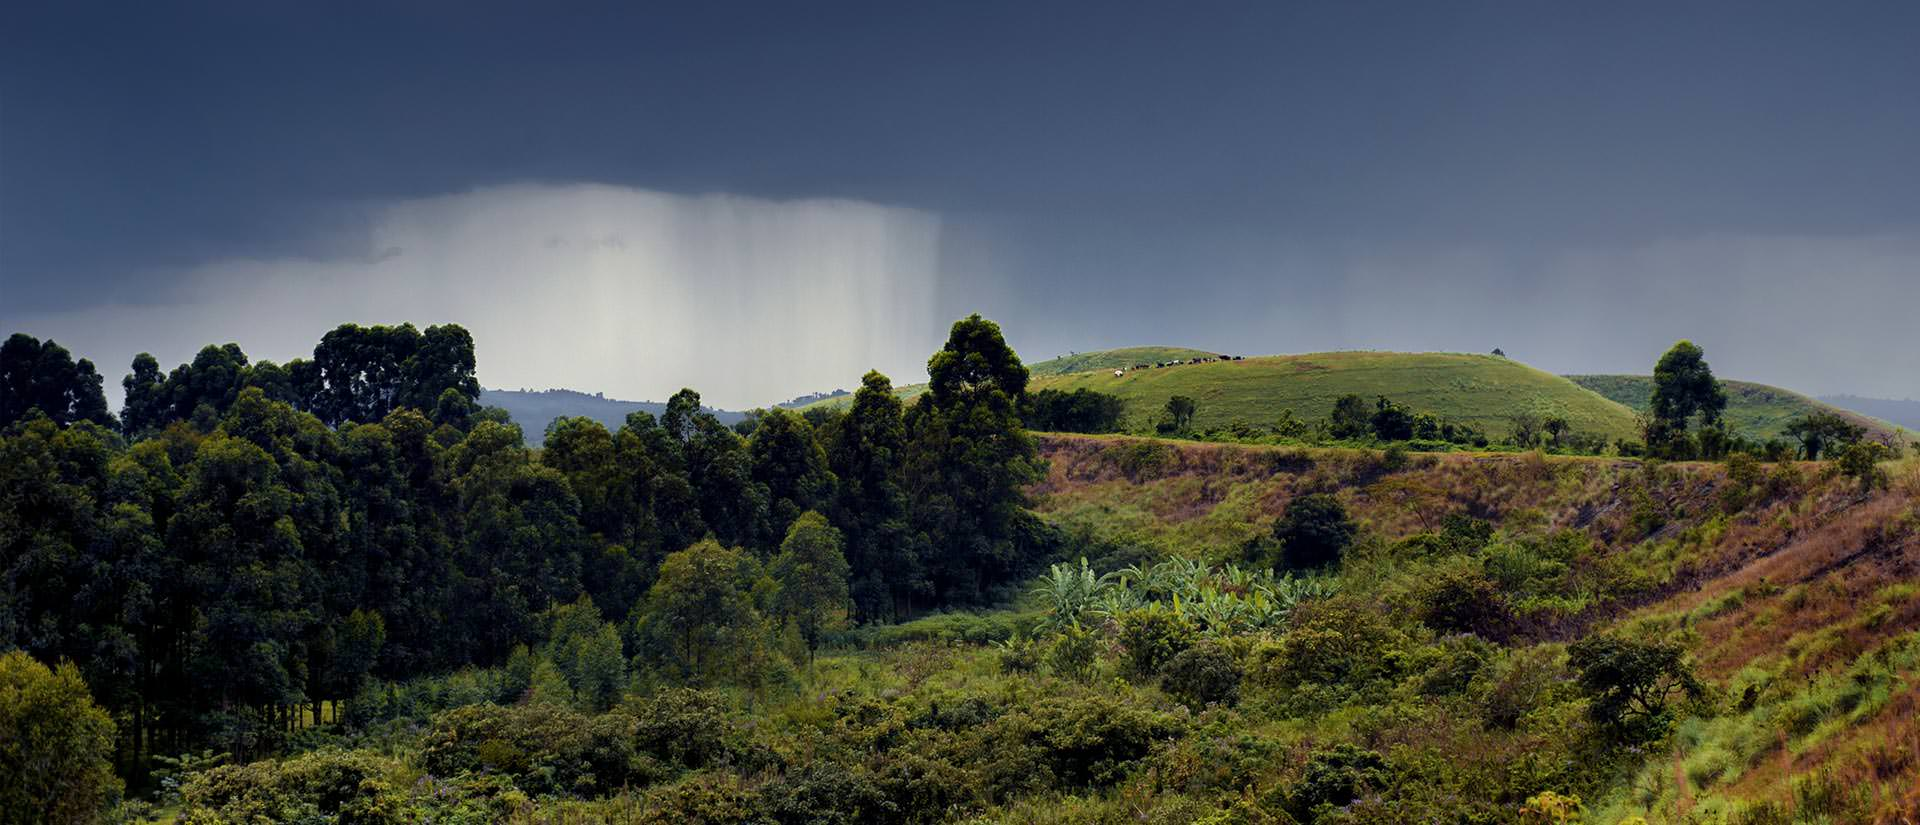 אוגנדה - הפנינה הירוקה של היבשת השחורה